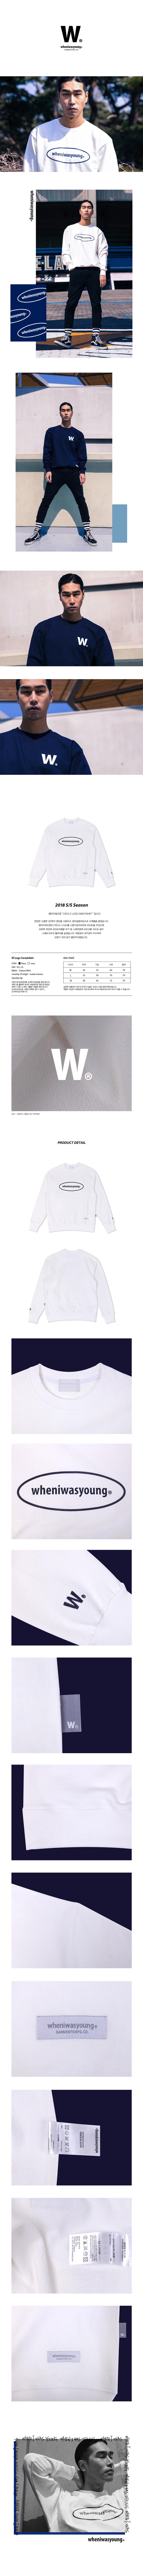 써클 로고 스웨트셔츠(아이보리화이트)